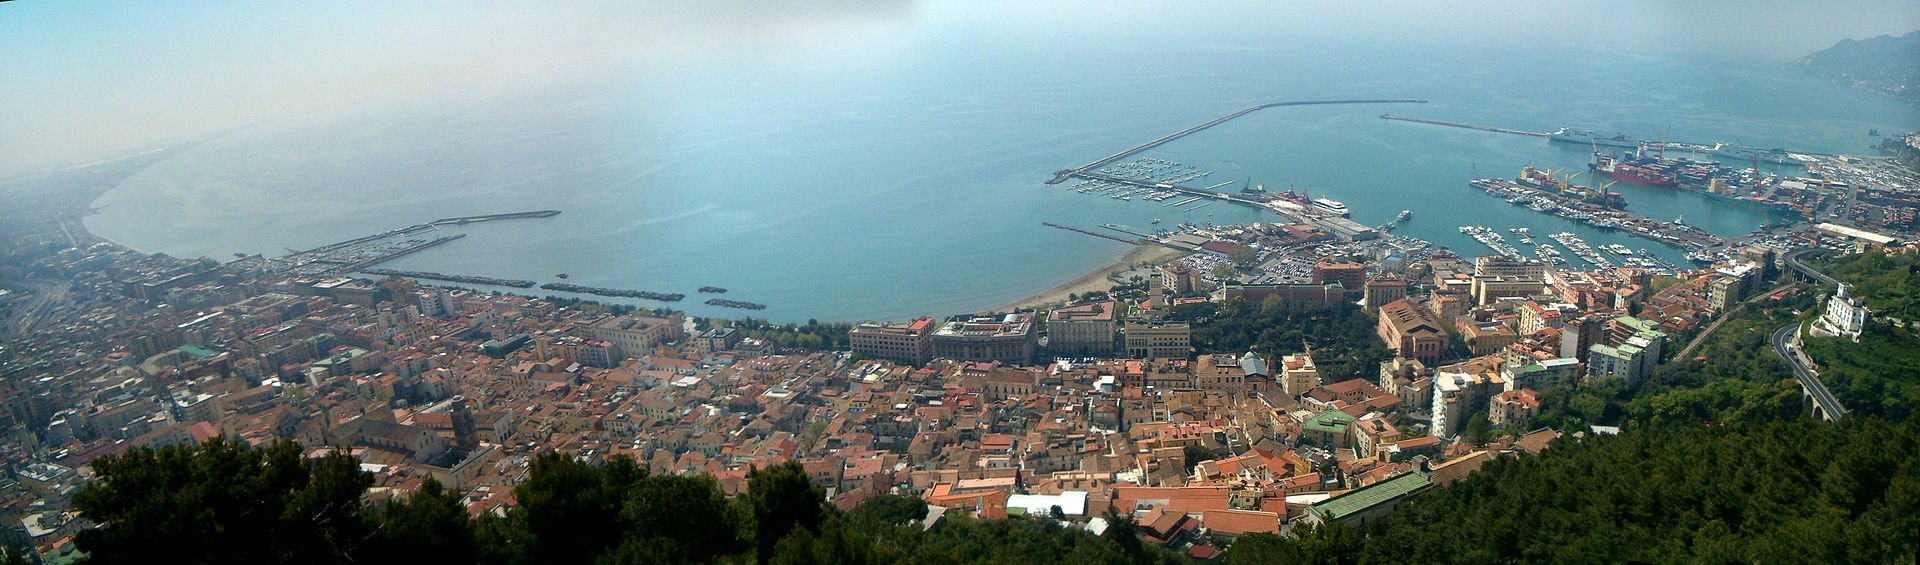 Италия 60 дней на карантине! Как пережить самоизоляцию, когда за окном итальянский Салерно?